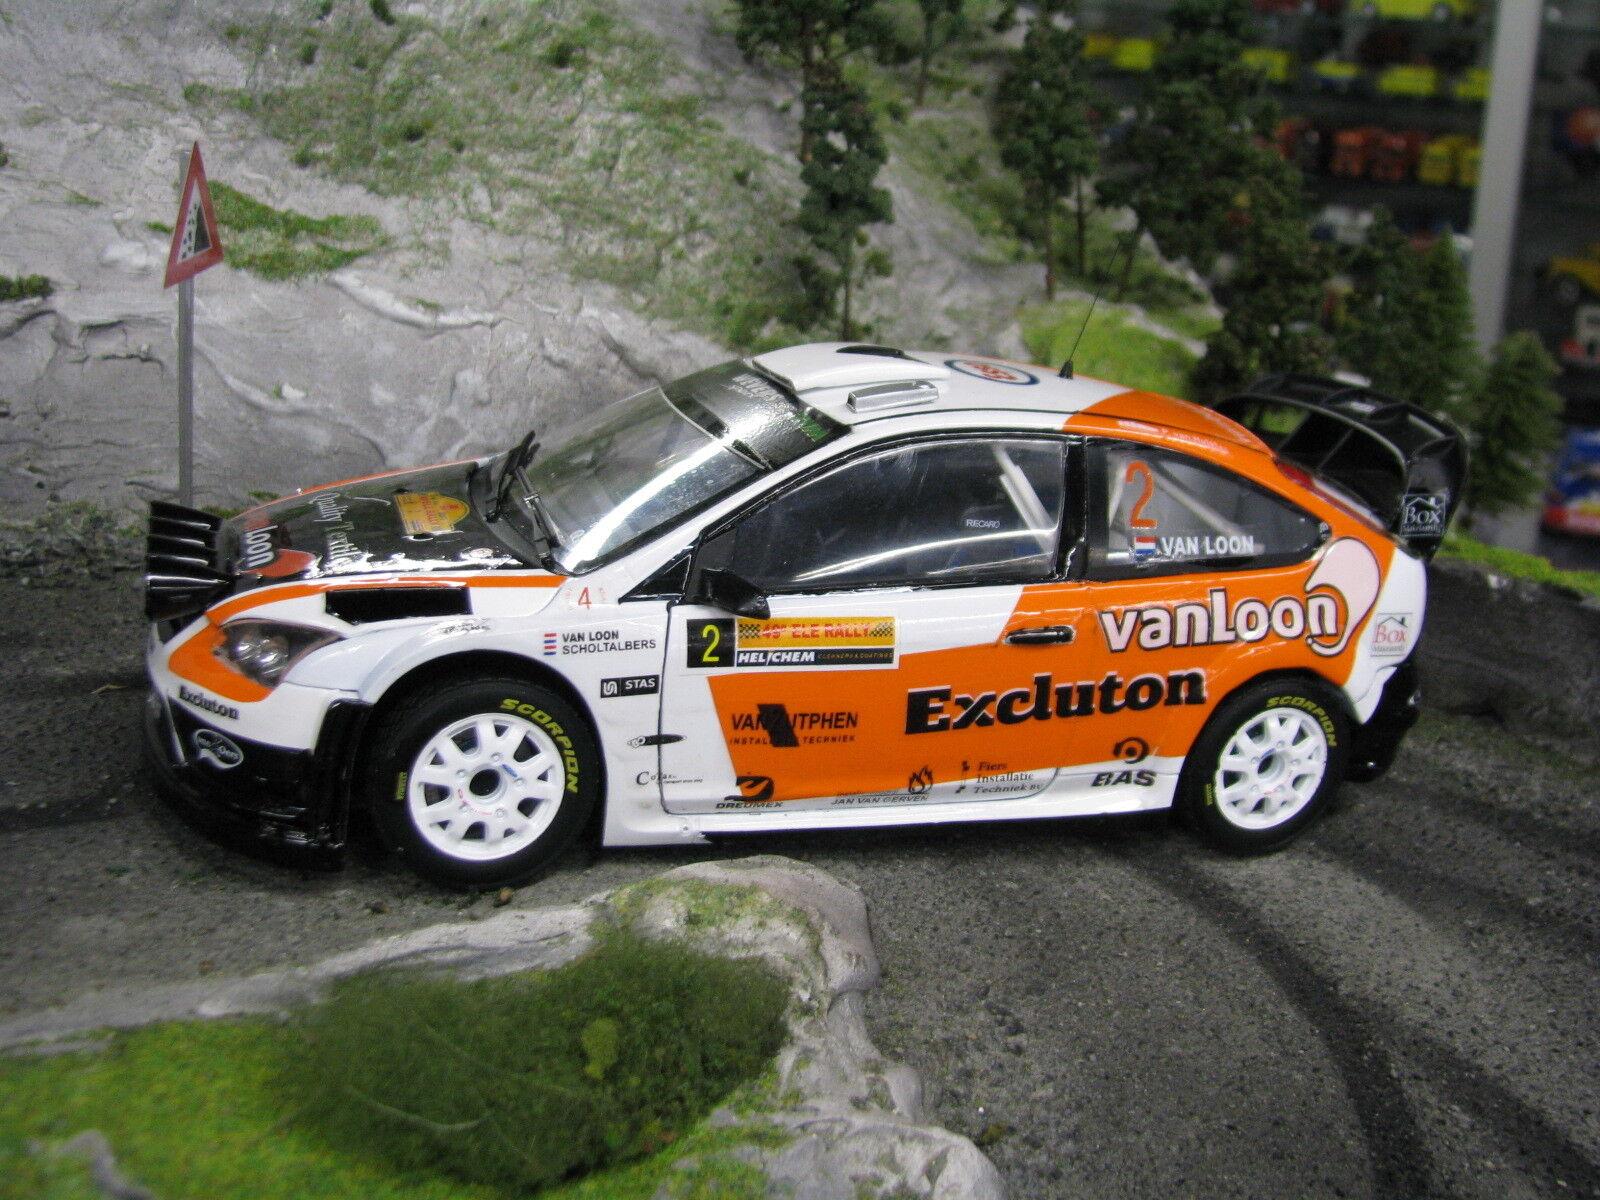 QSP Ford Focus RS WRC '09  2 Erik van Loon / Harmen Scholtalbers ELE Rally 2013